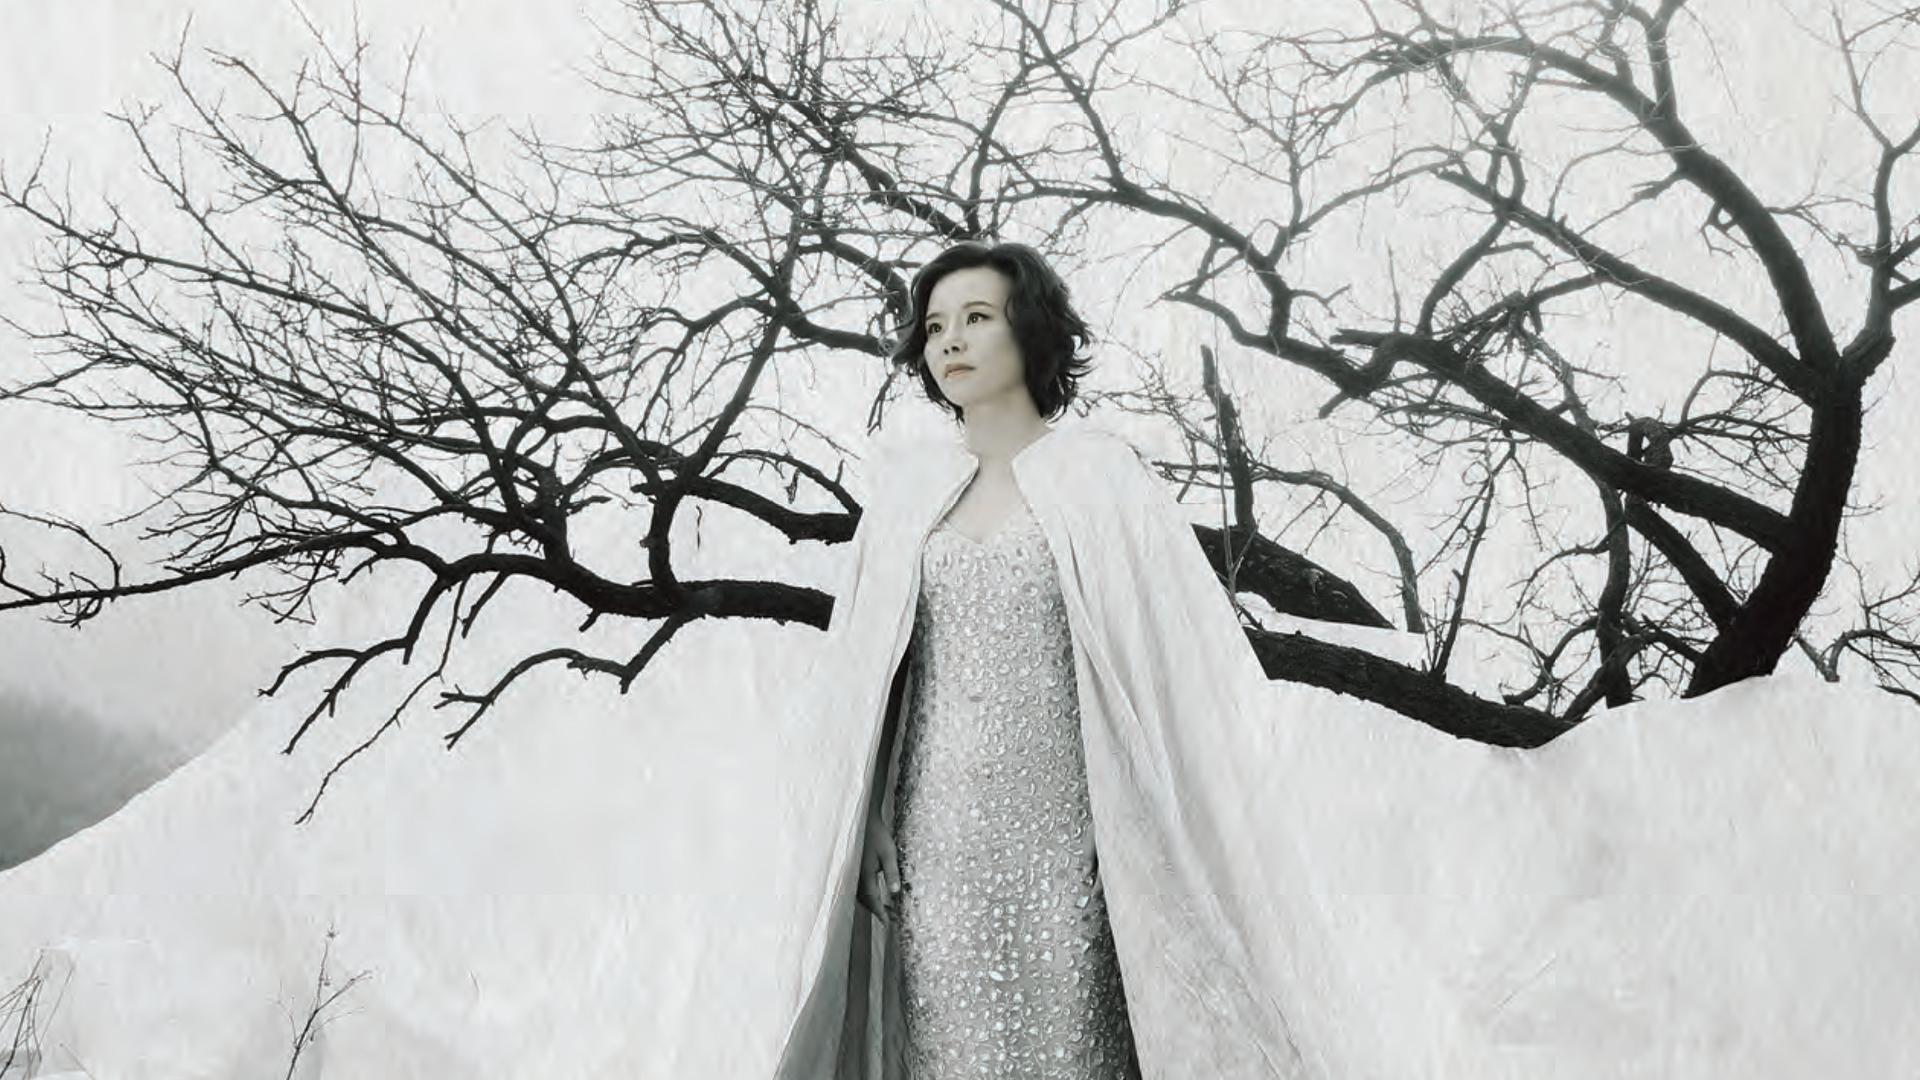 Meet the Artist: Gong Linna